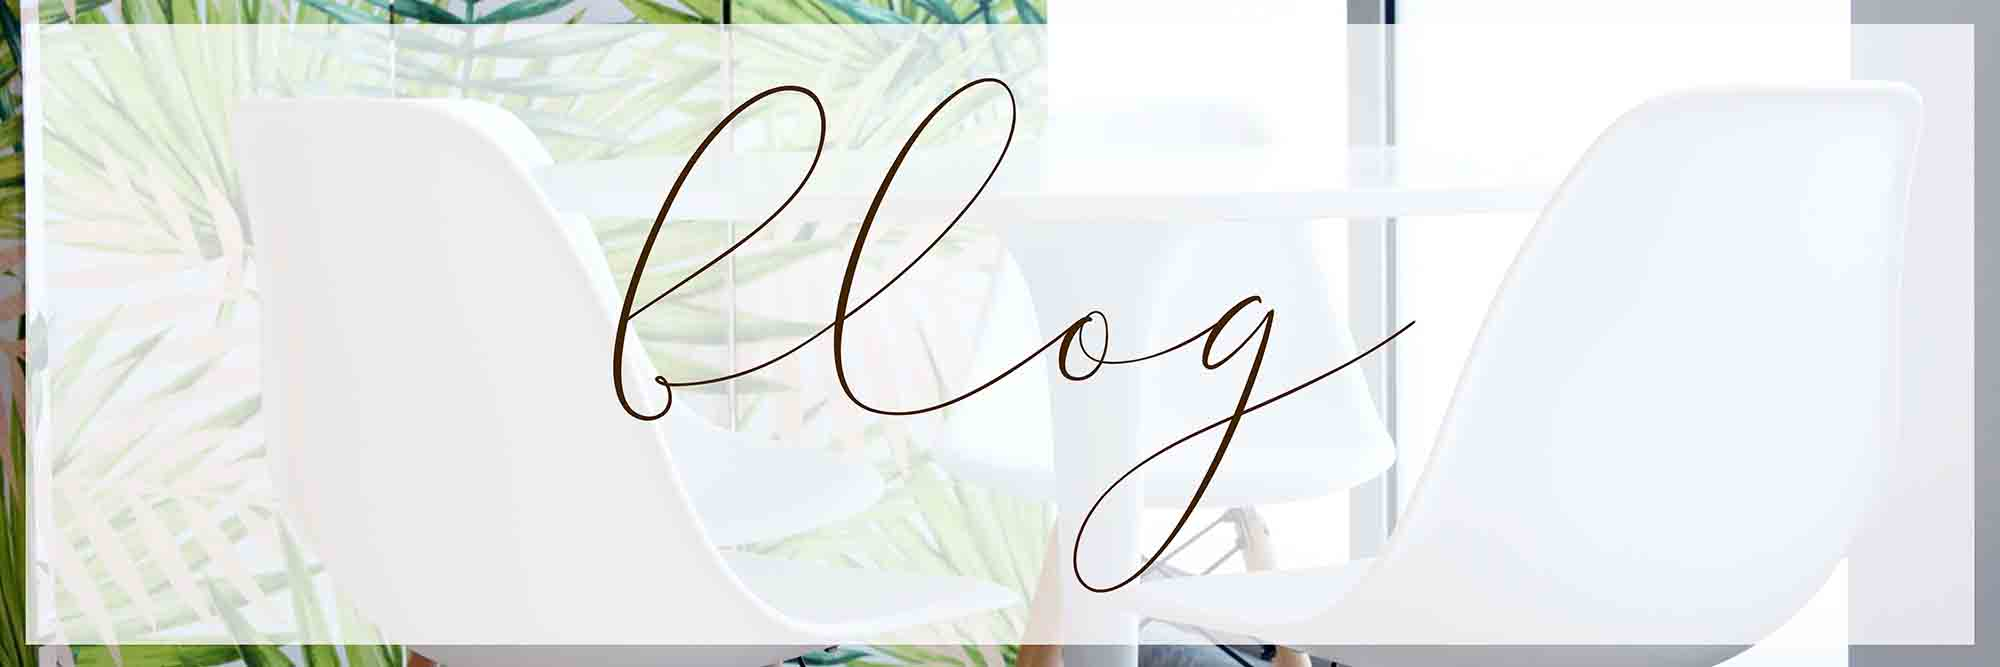 PaperStudio Blog